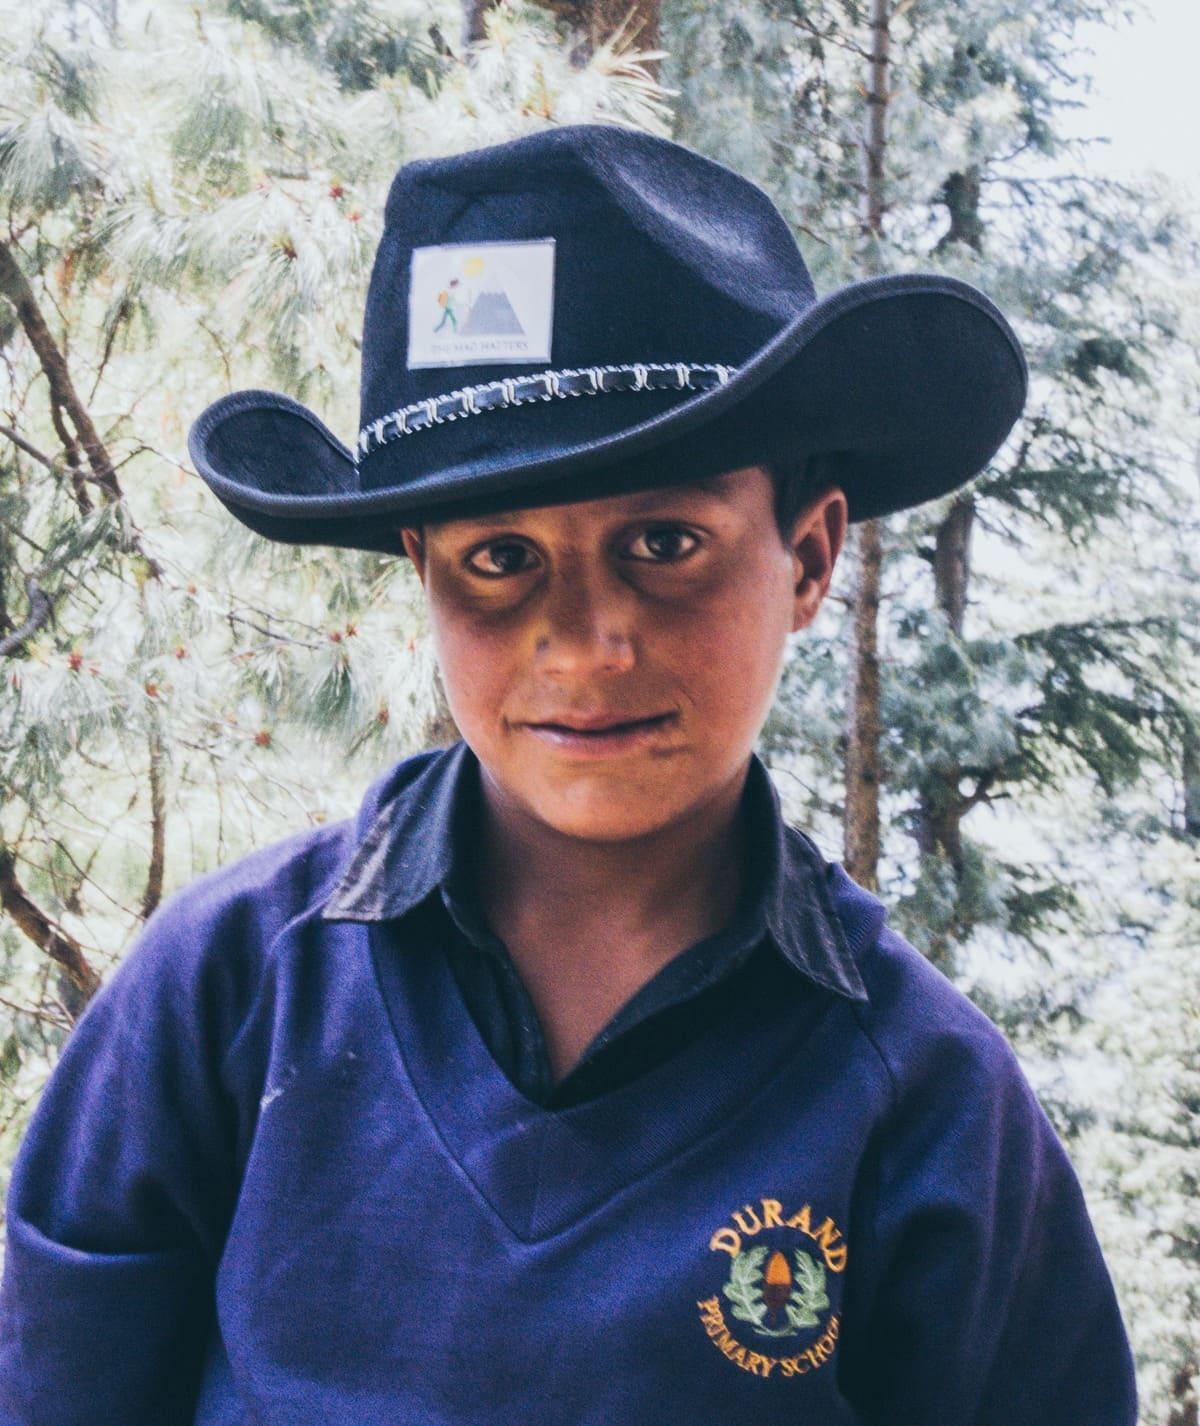 Local kid on trekking trip to Dagri Forest